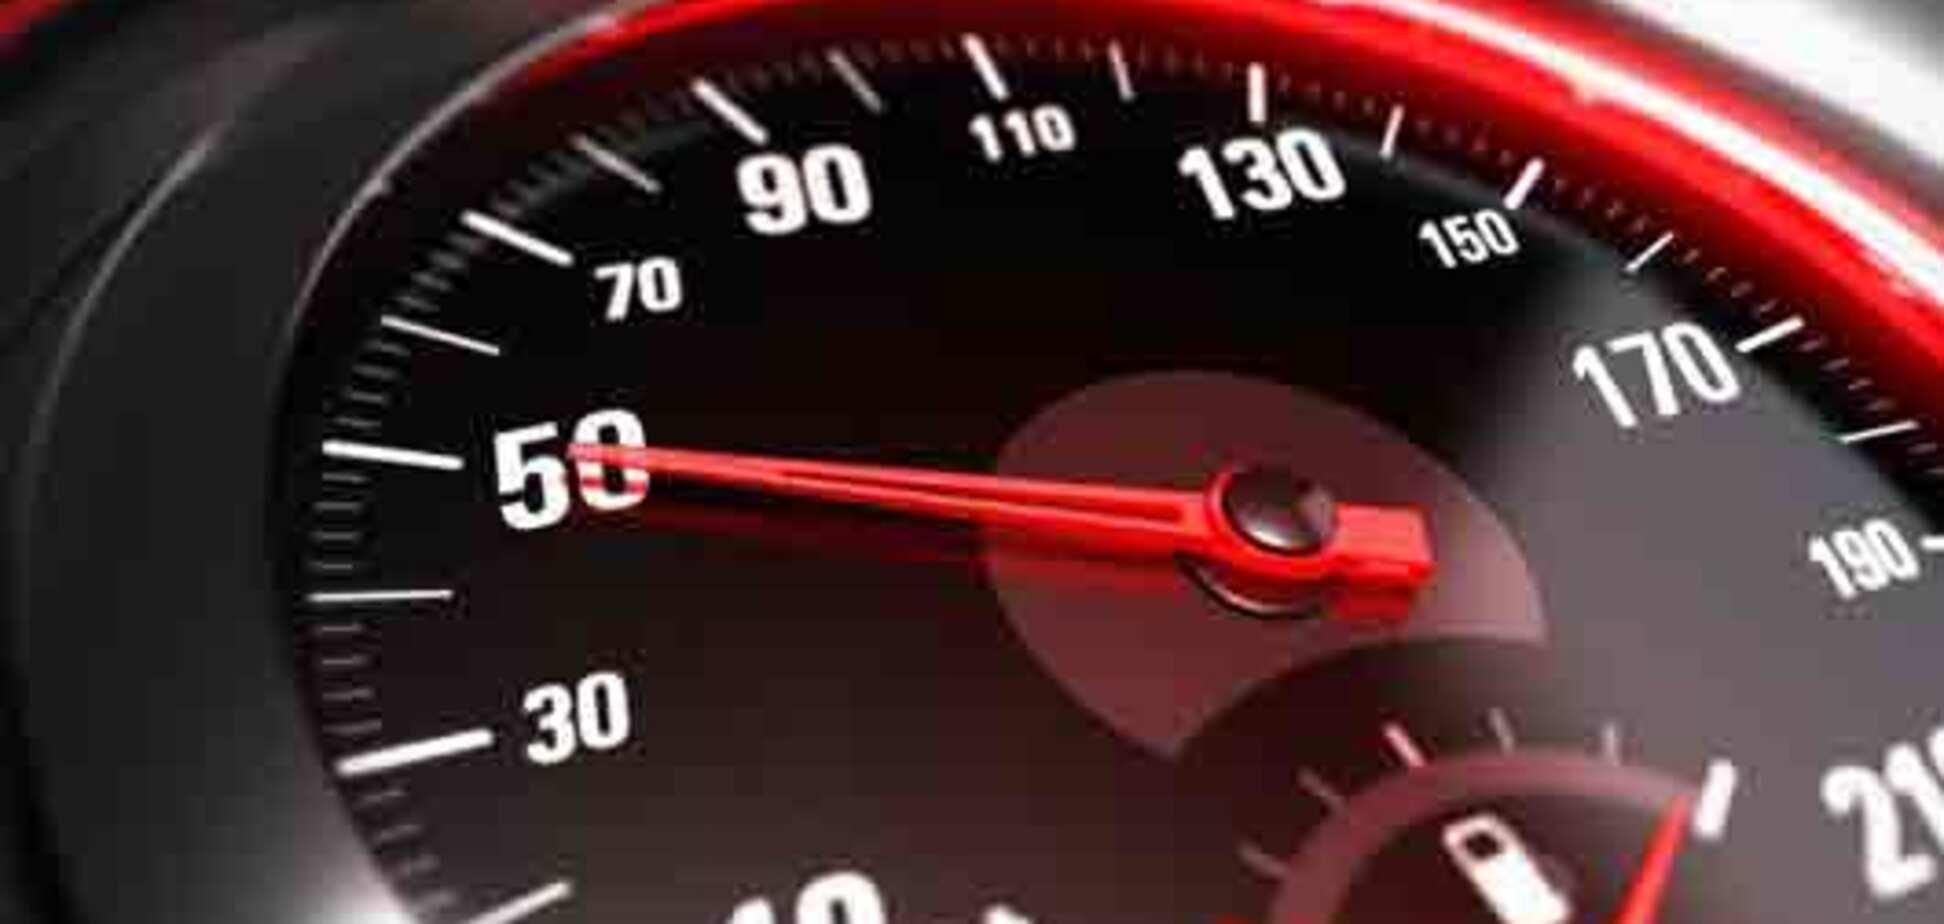 Обмеження швидкості до 50 км/год: підвищення штрафів за порушення не відбулося!